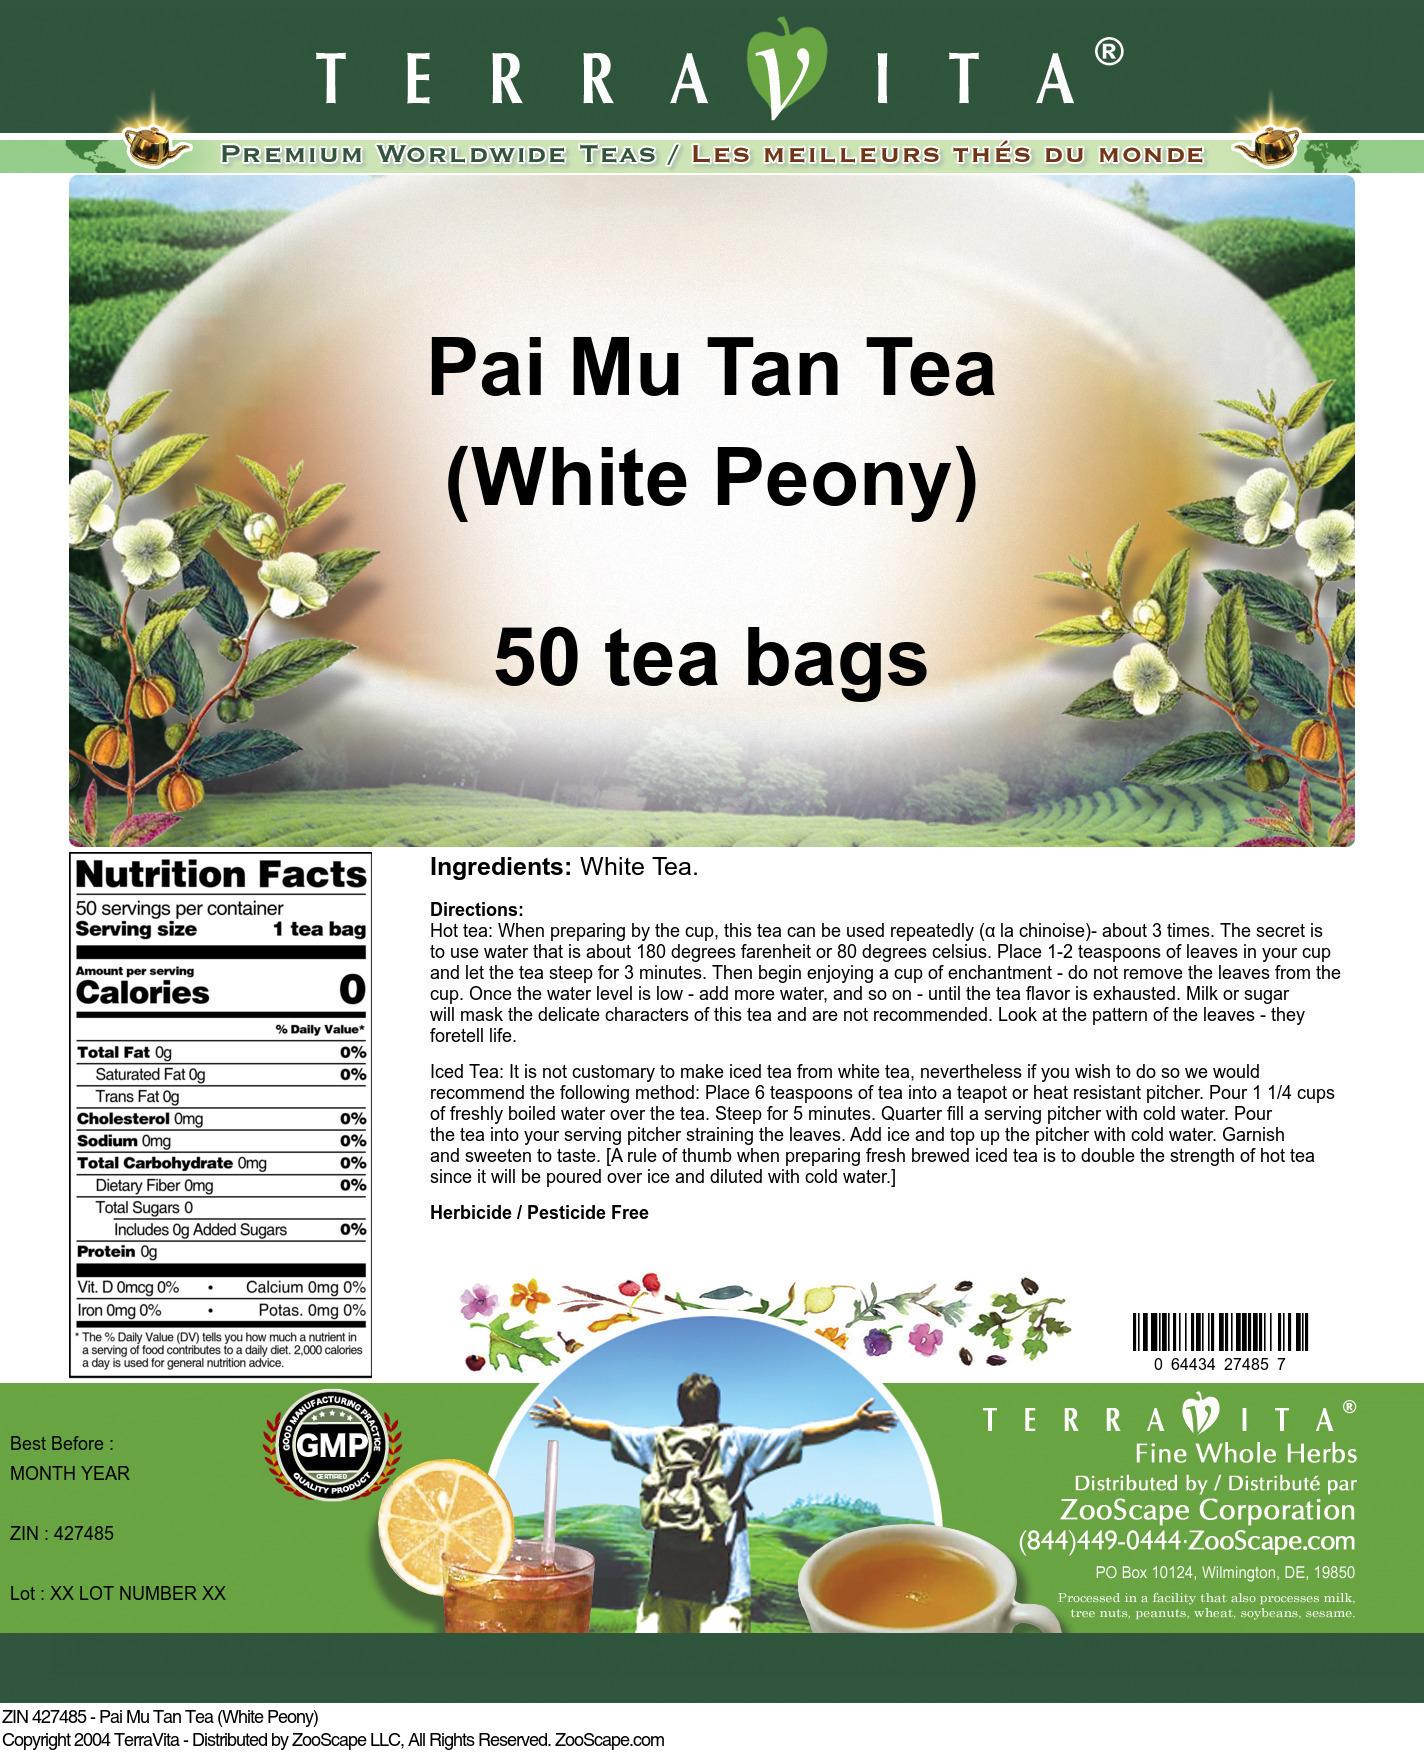 Pai Mu Tan Tea (White Peony)